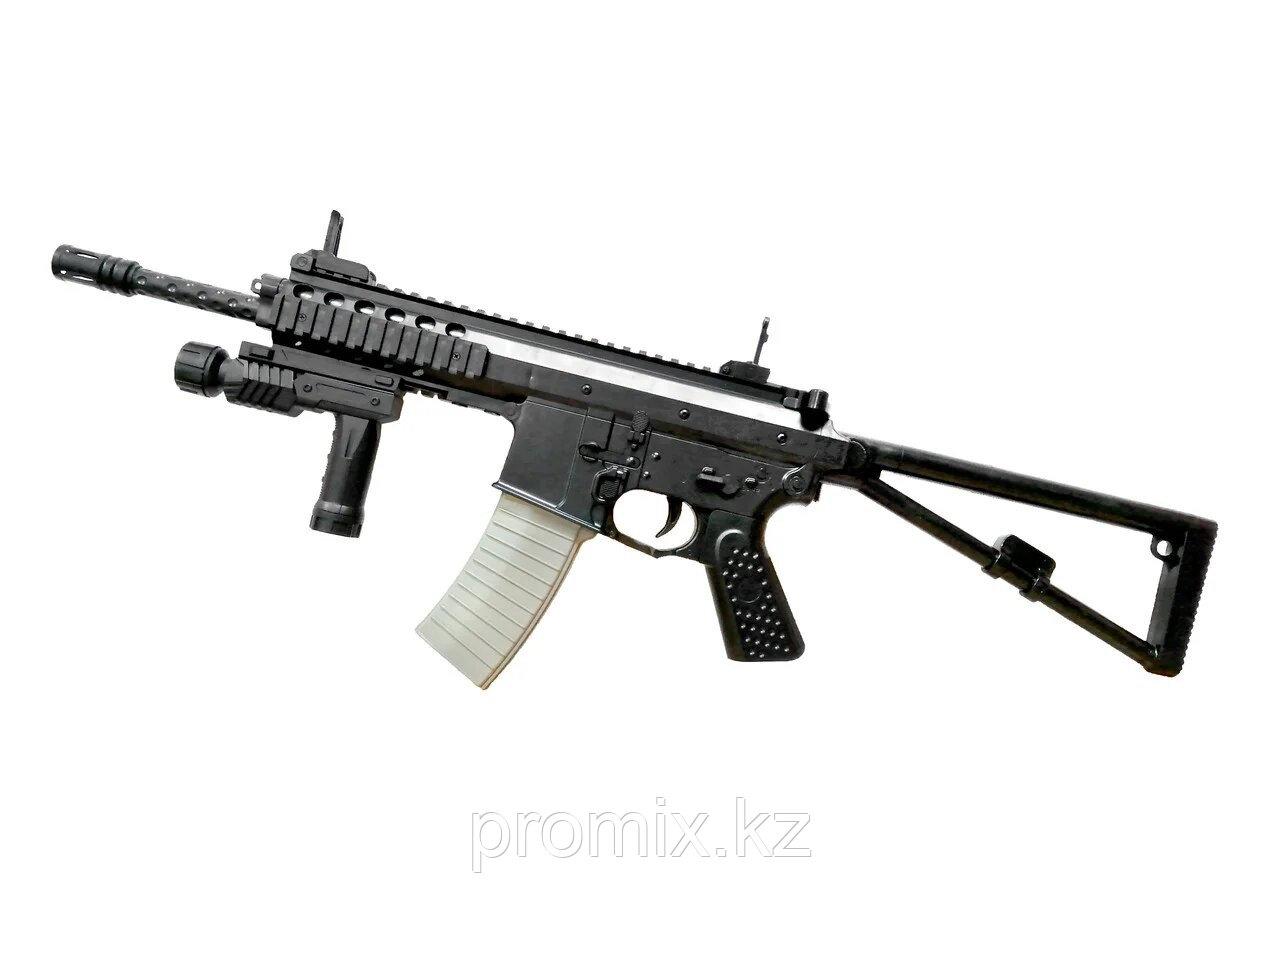 Игрушечный железный/металлический автомат M4A1 Carbine P-1977A